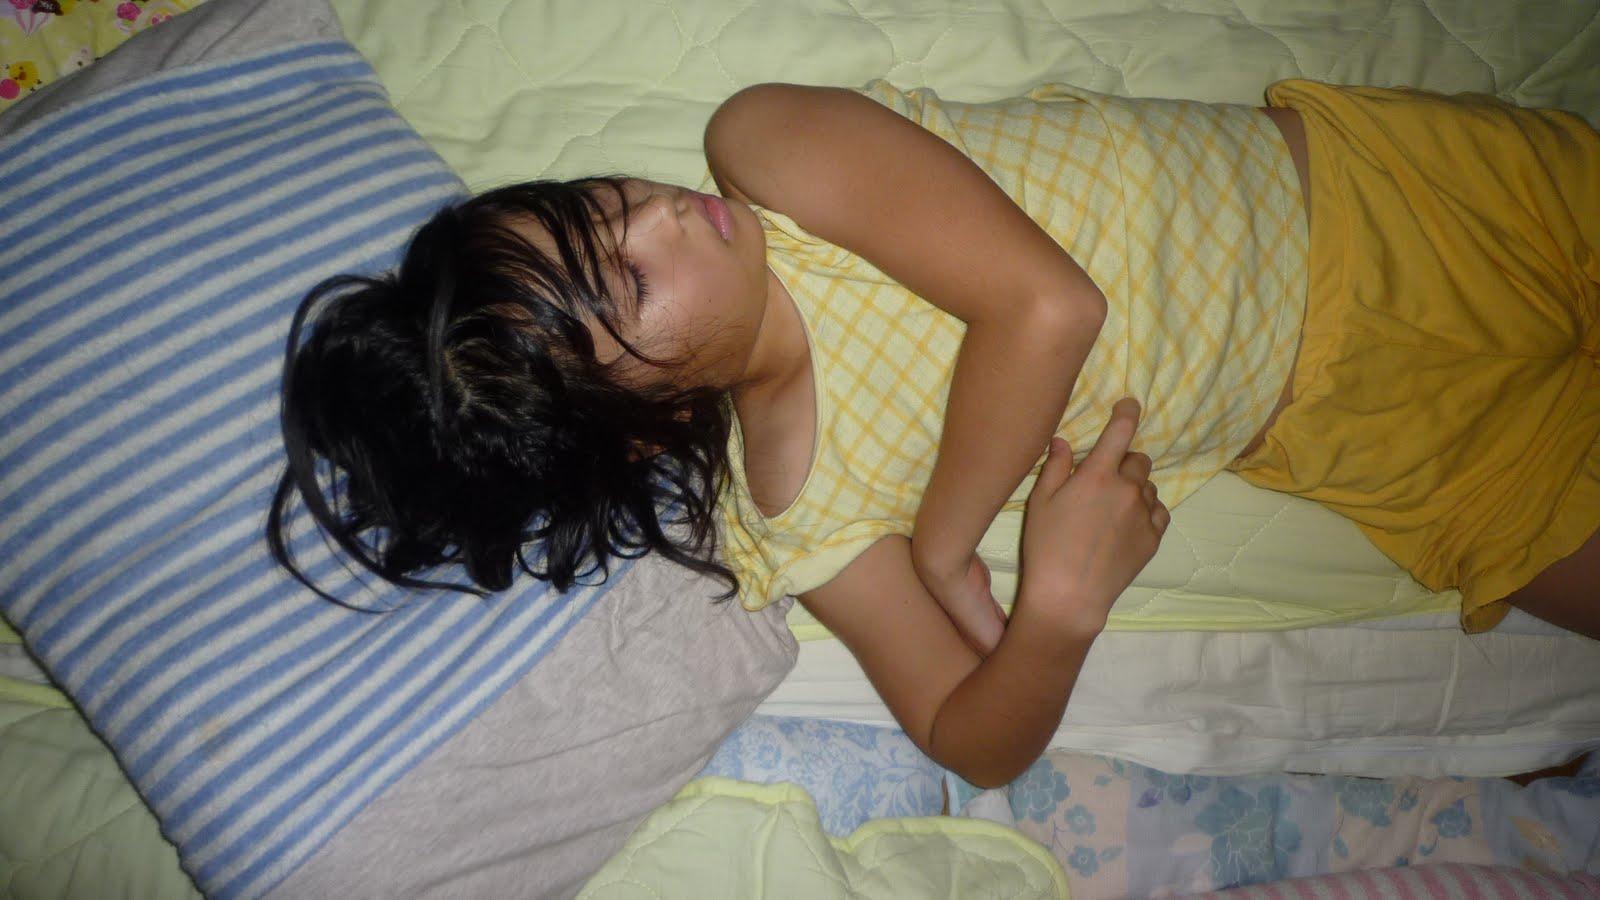 抜ける小学生 宝塚市立病院に駆け込んだ日に、余命1年と言われたんよな。目の前が真っ暗になって、お父さんは、ベッドに寝かされてしまった。